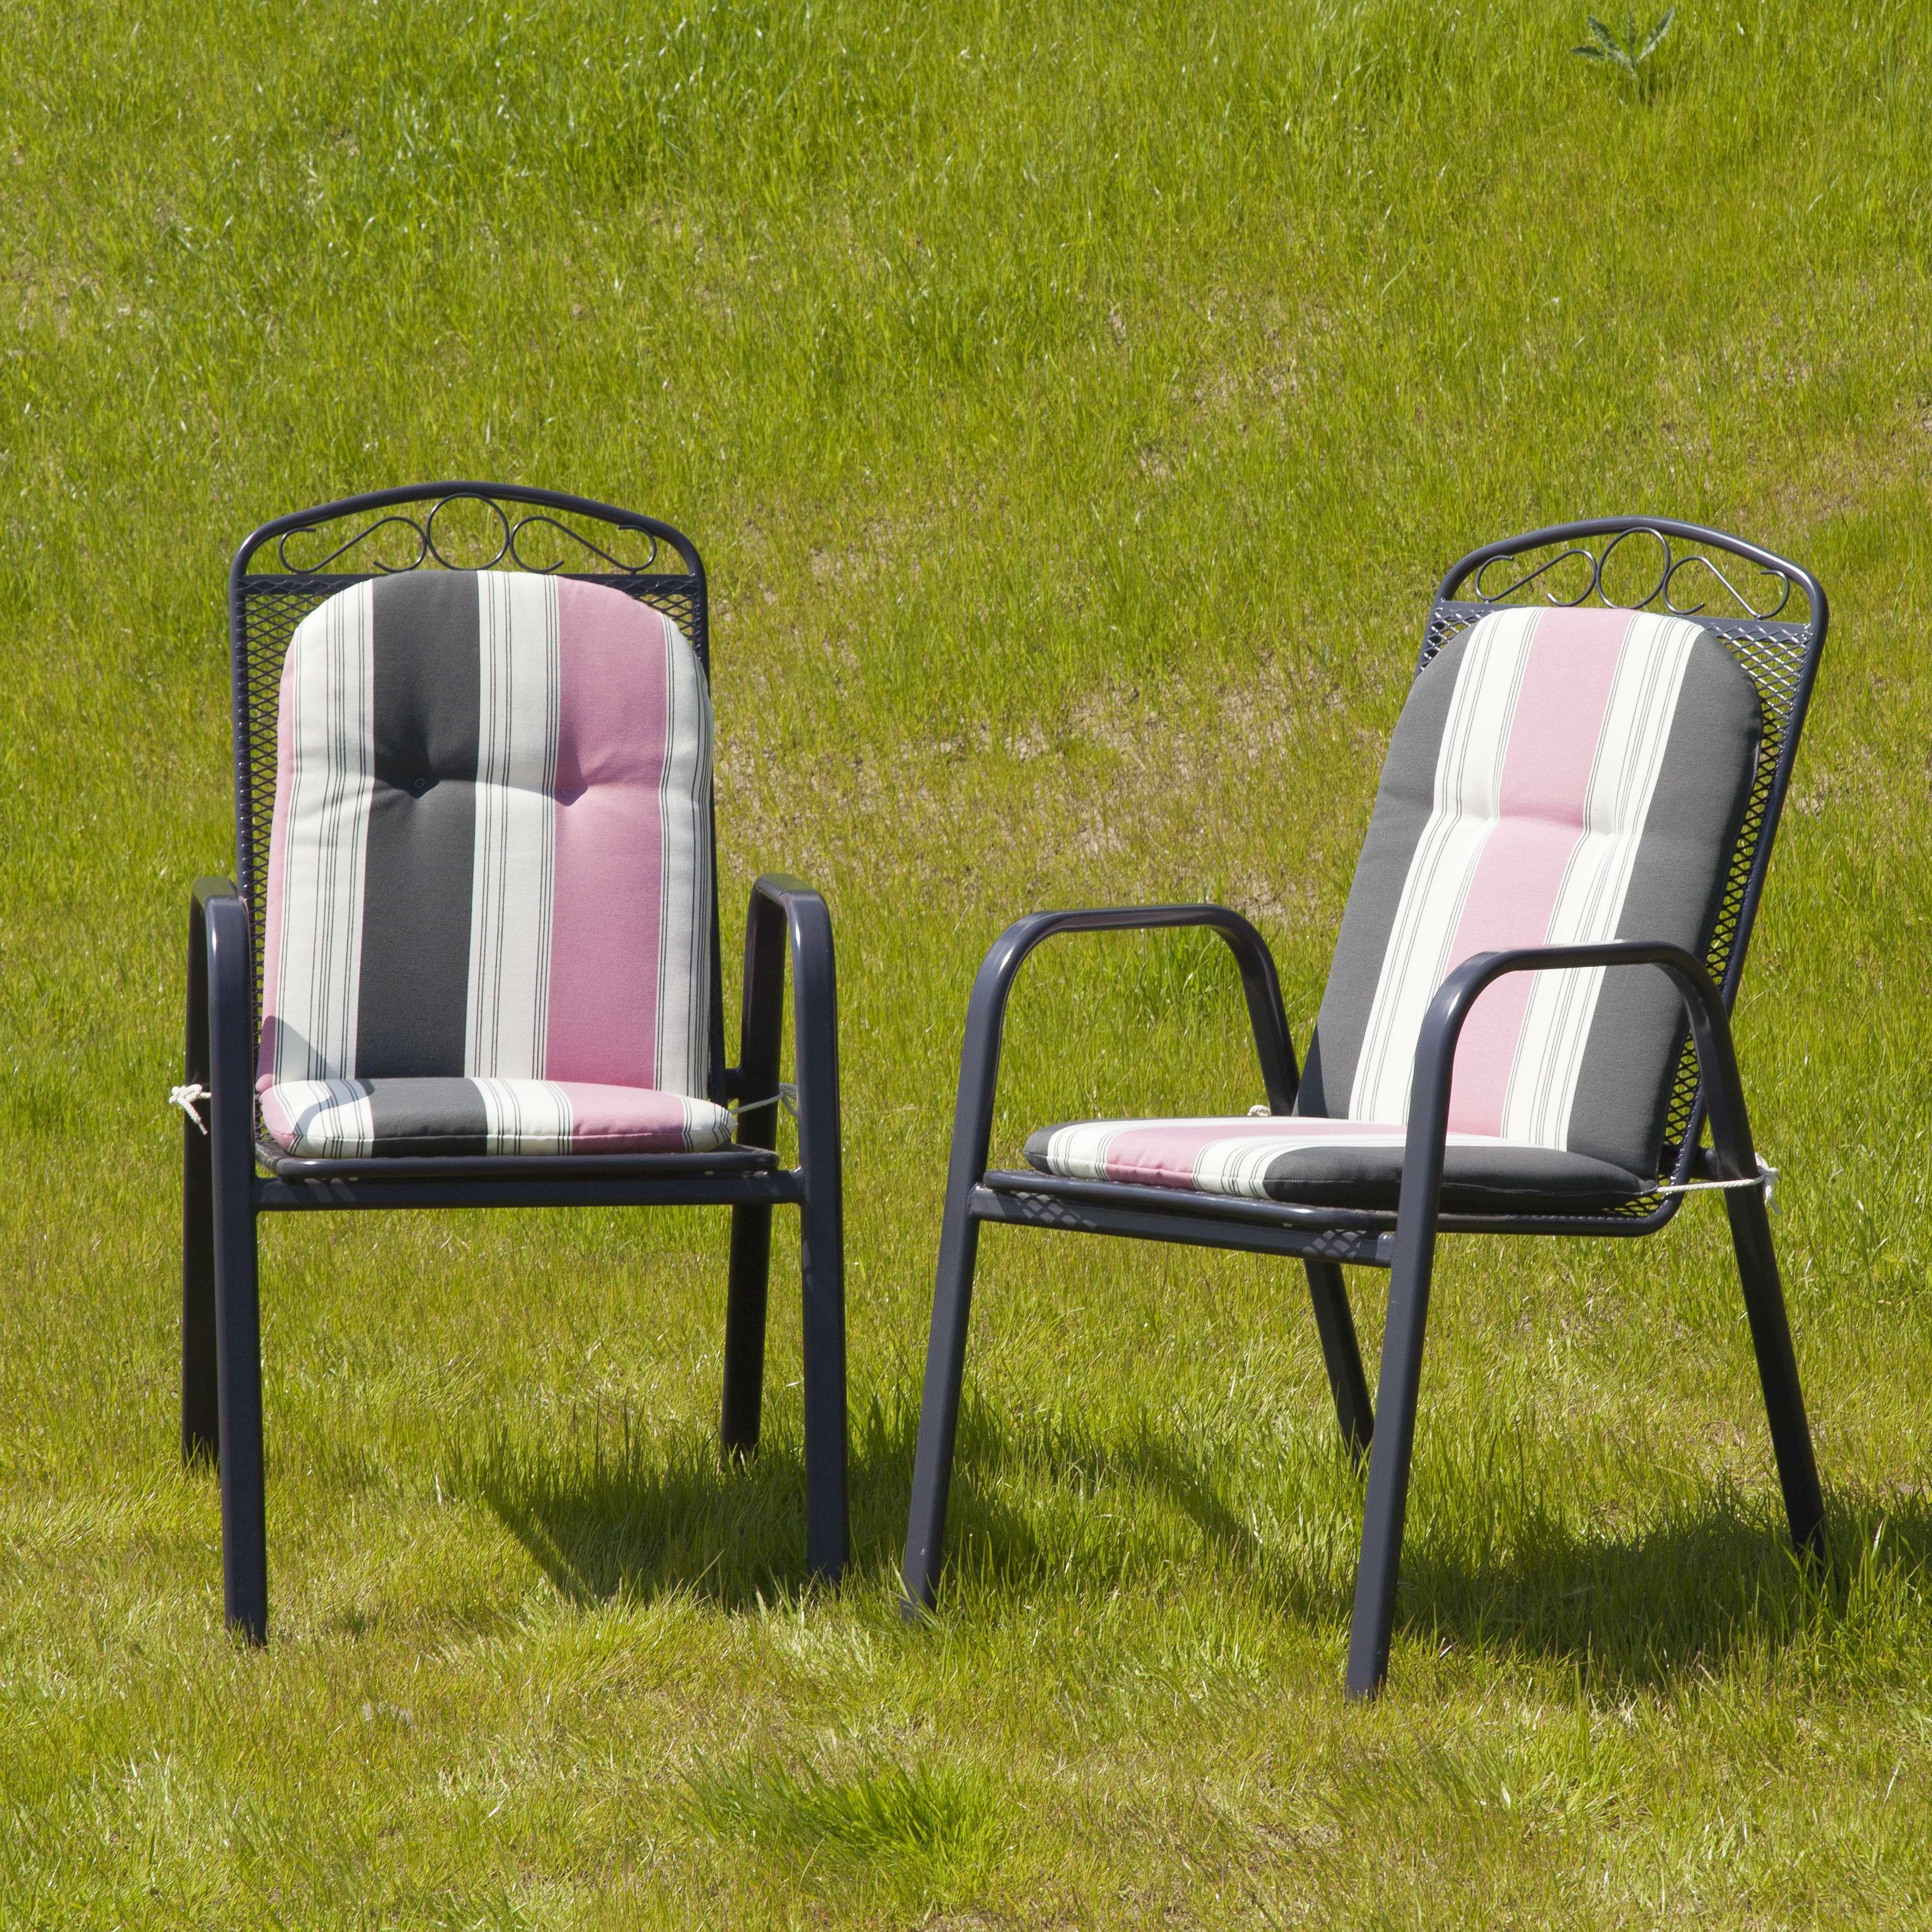 Materac ogrodowy 94x40x3,5cm szaro-różowe pasy 94x40x3,5cm